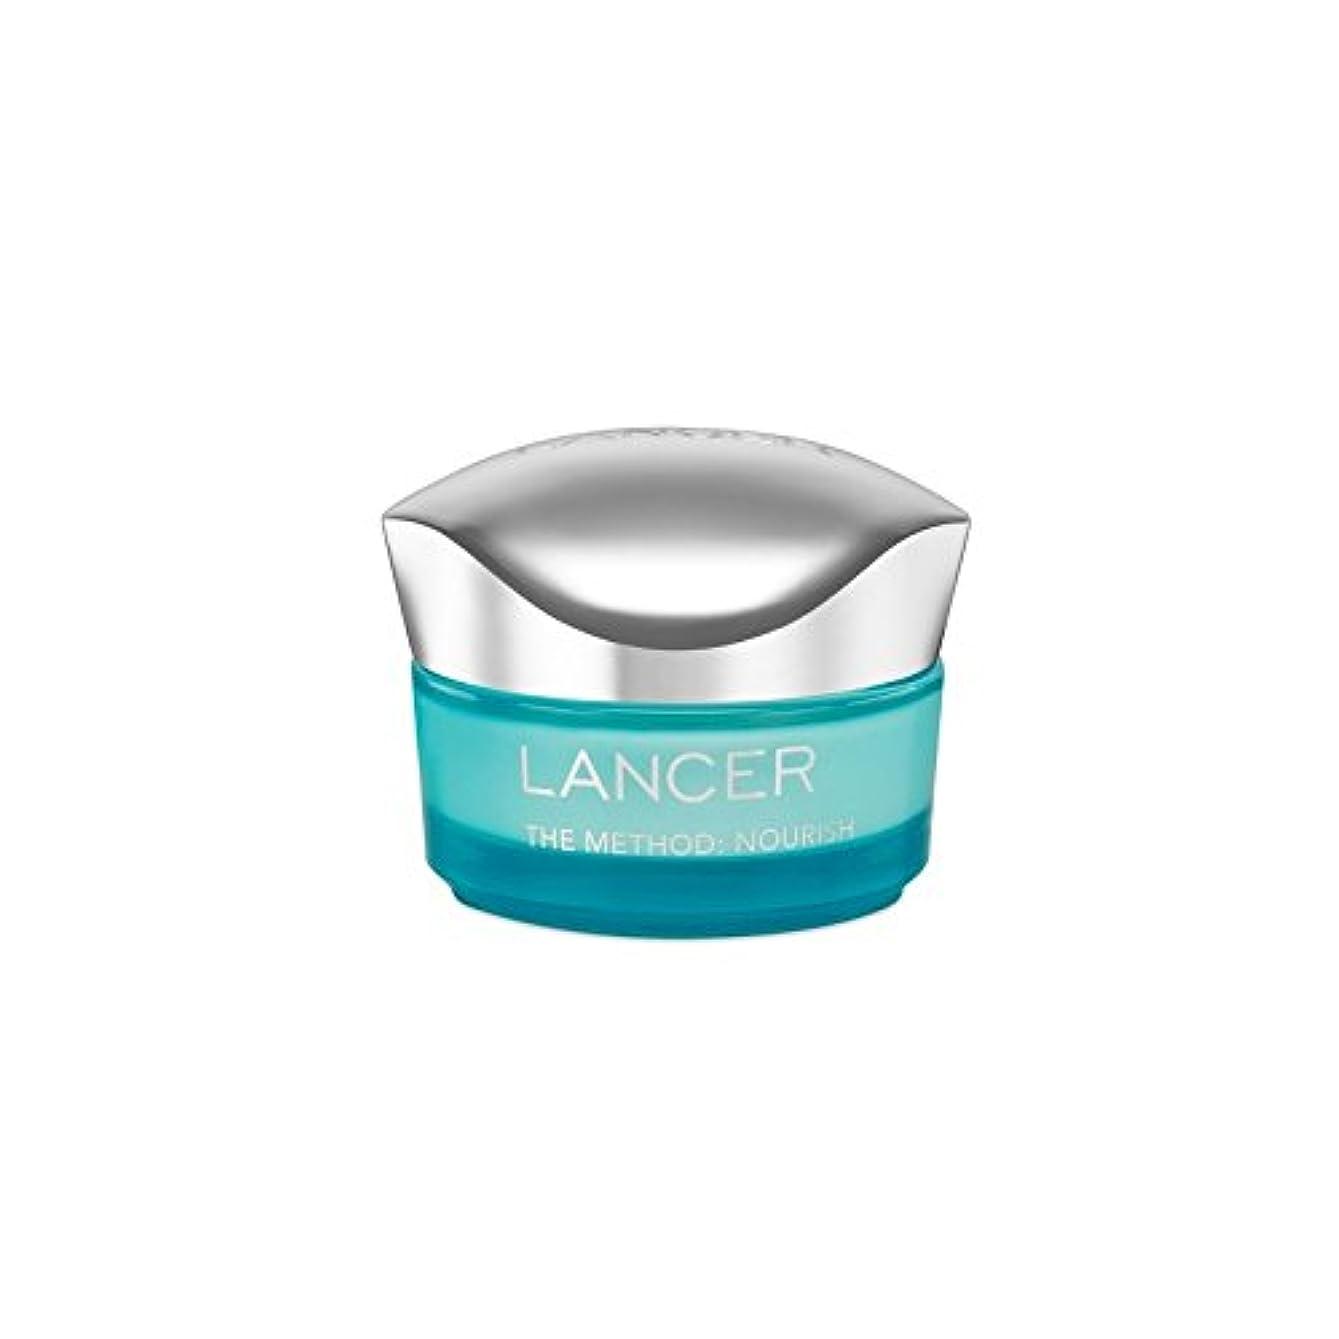 療法ベット鉄ランサーは、この方法をスキンケア:モイスチャライザー(50)に栄養を与えます x4 - Lancer Skincare The Method: Nourish Moisturiser (50ml) (Pack of 4)...